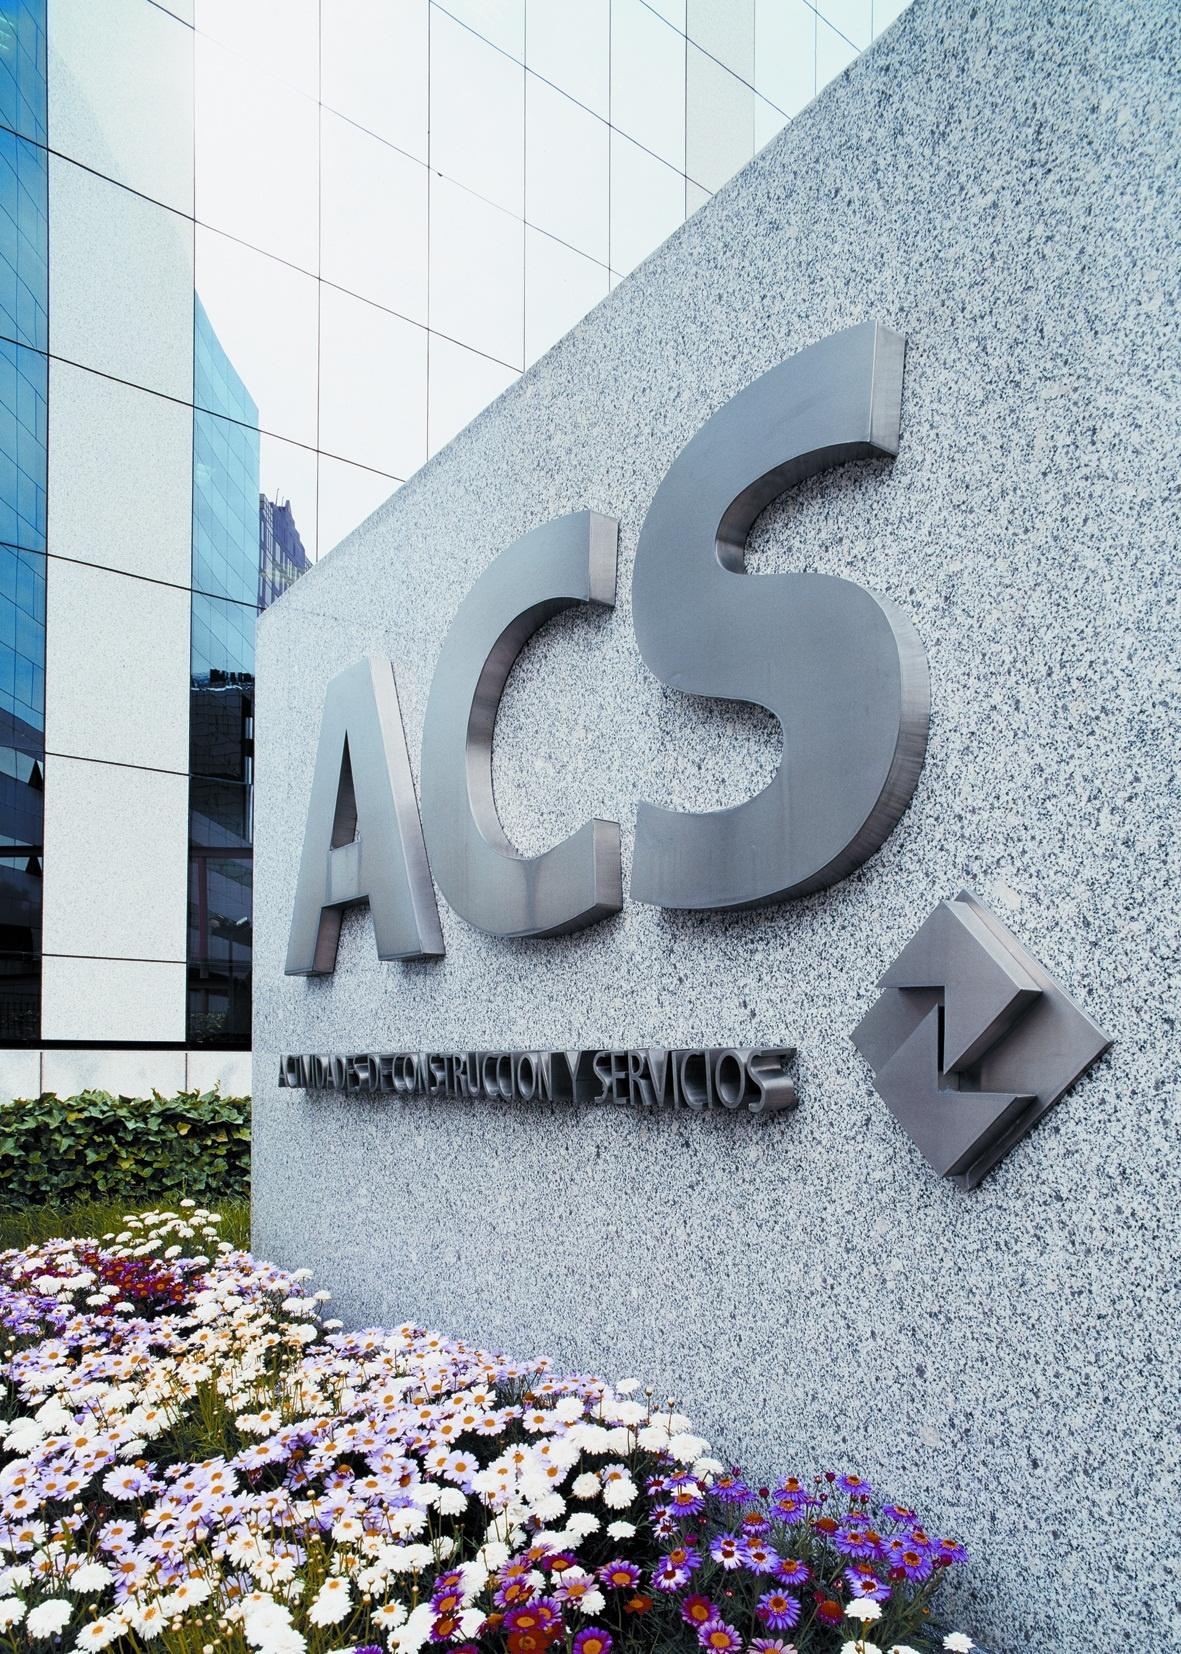 ACS se adjudica obras de canalización de agua potable en Bangladés por 32 millones